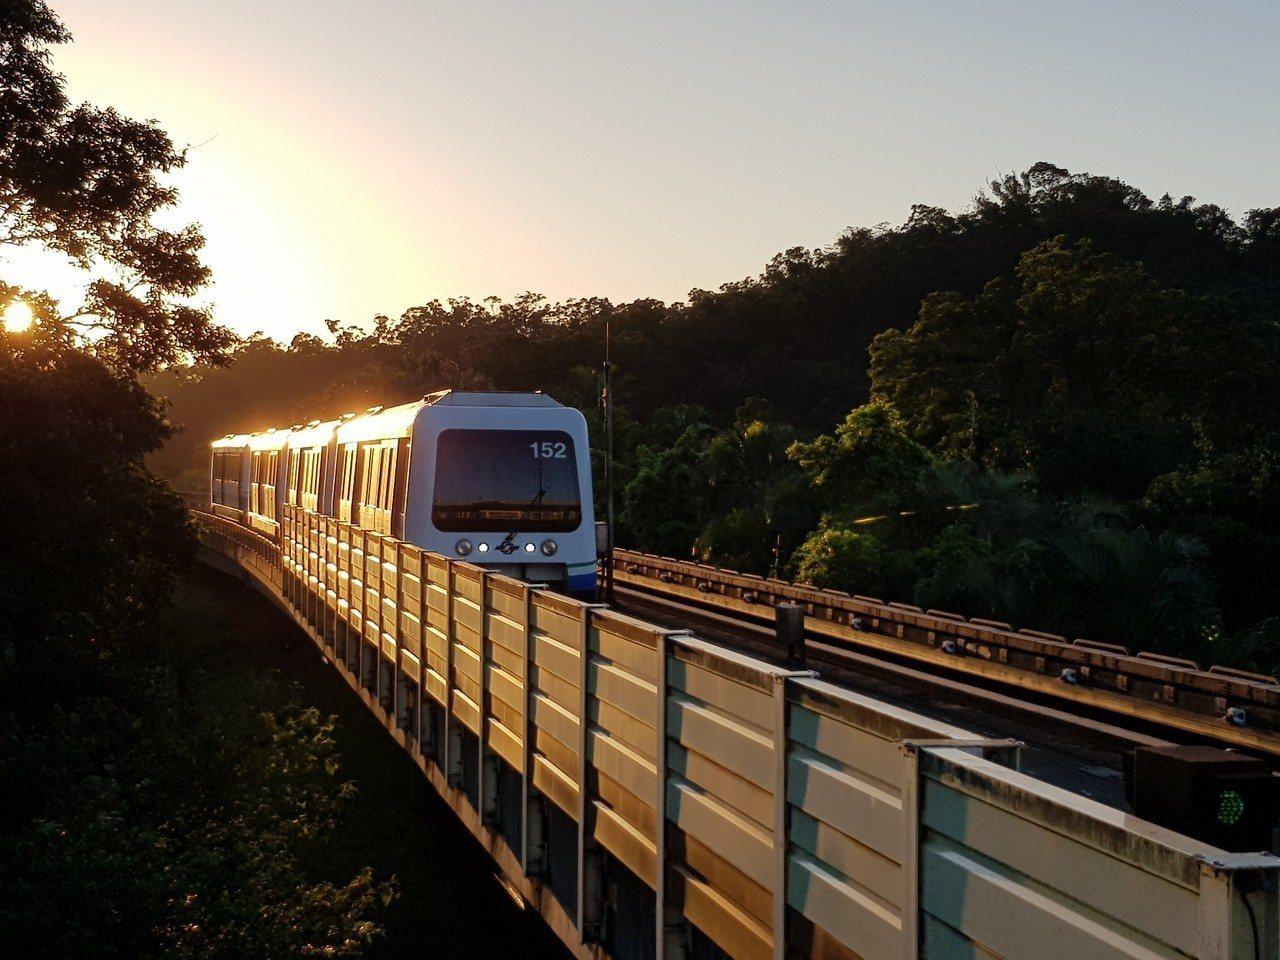 台北捷運文湖線昨晚發生區段列車停駛斷電10分鐘的情況。記者翁浩然/攝影